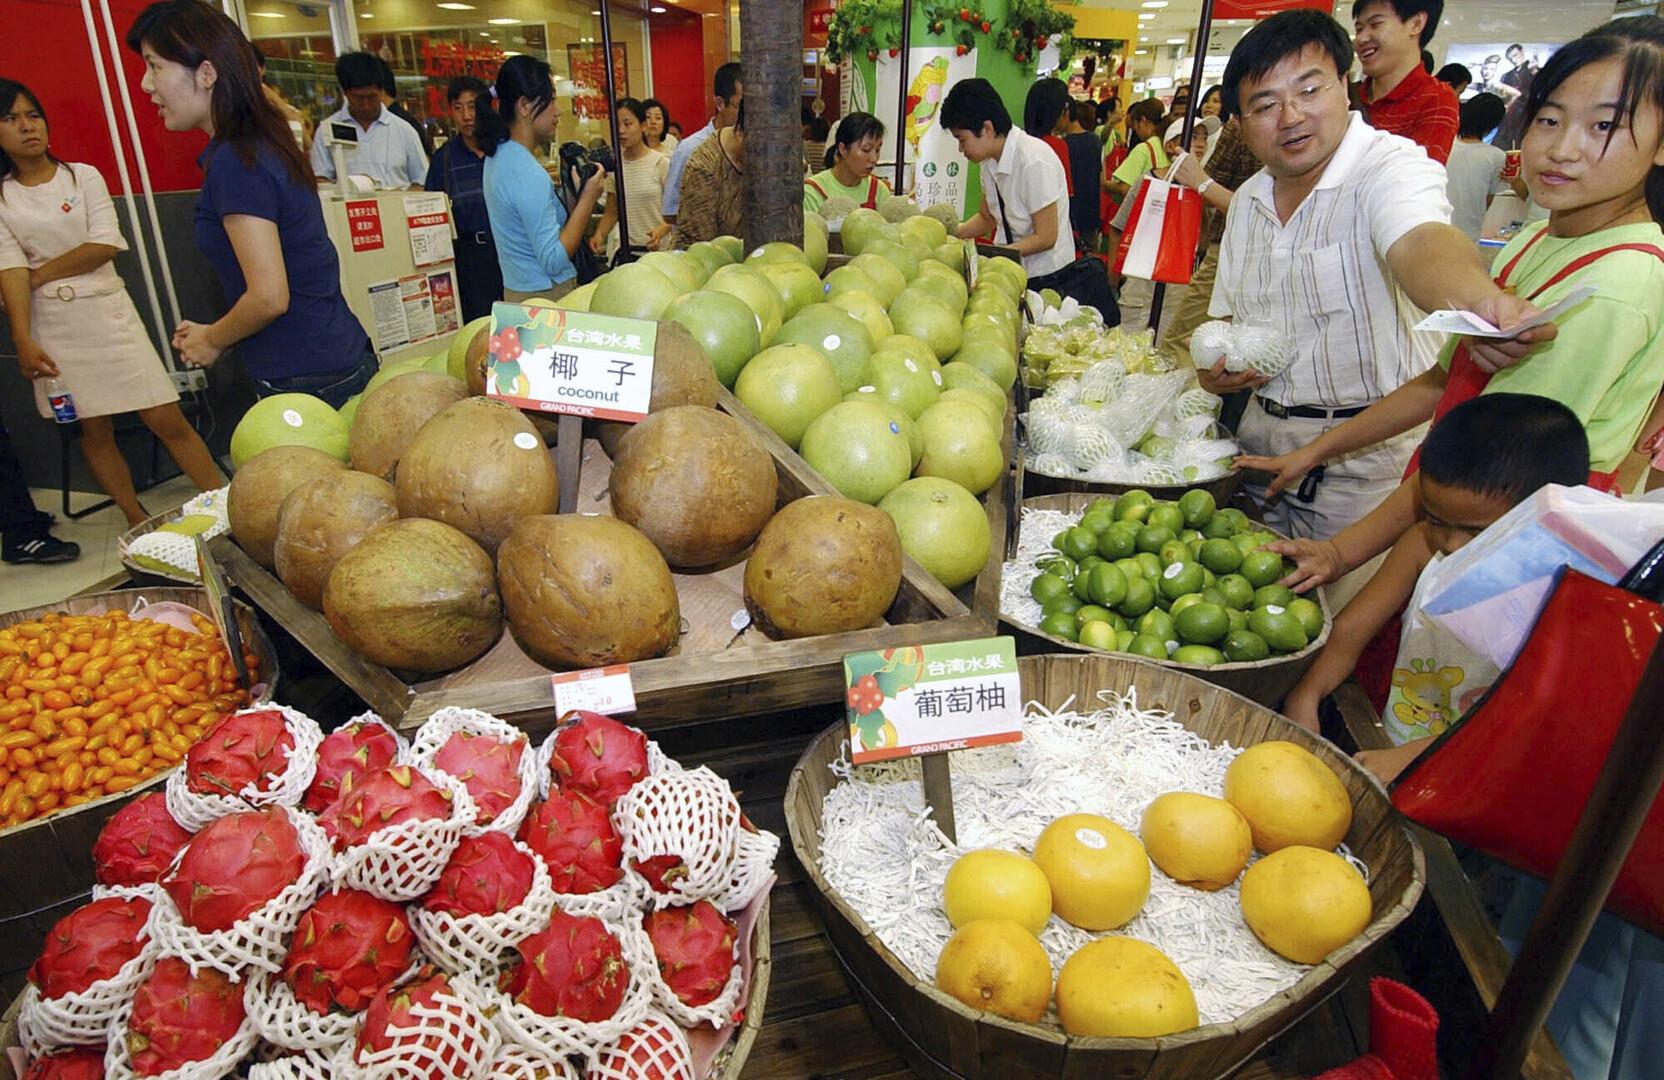 تايوان تندد بحظر الصين استيراد فاكهة منها